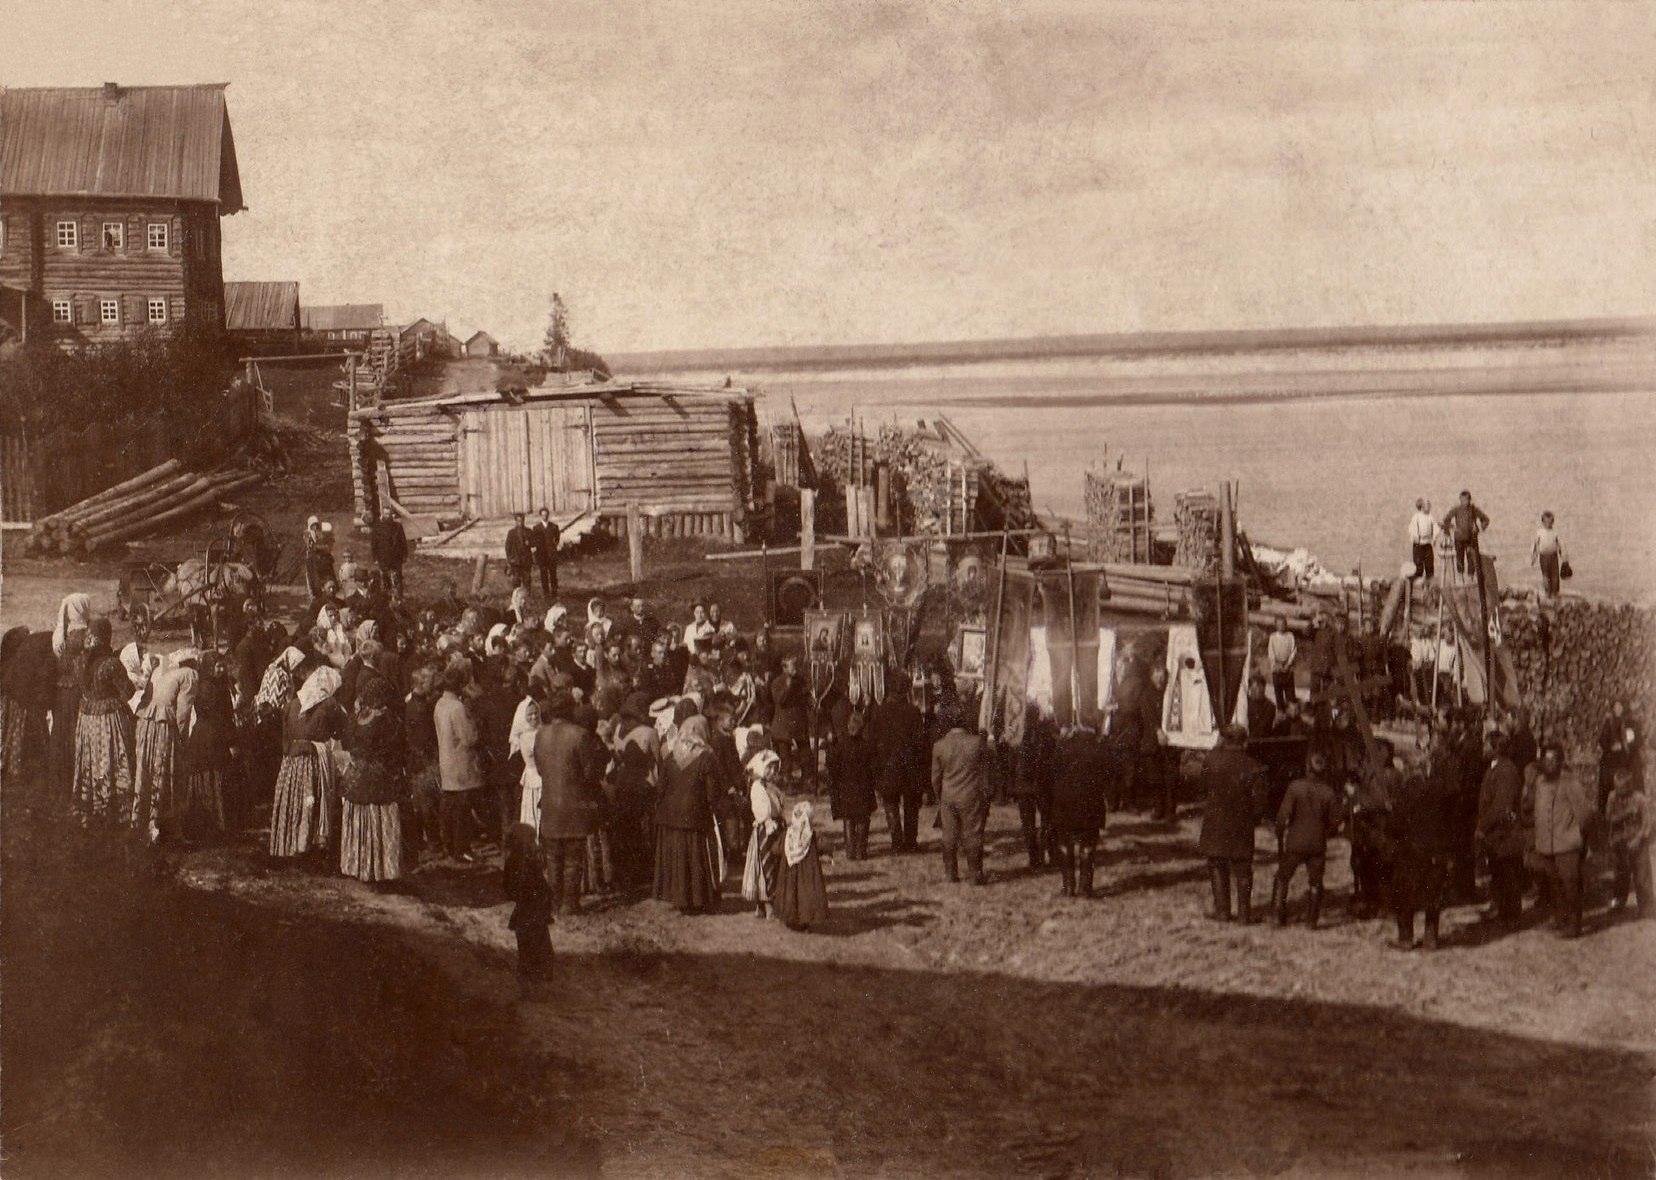 Окрестности Холмогор. Крестный ход на Троицу у переправы через реку Курью (Курейку) в деревне Анашкино. 5 июня 1910